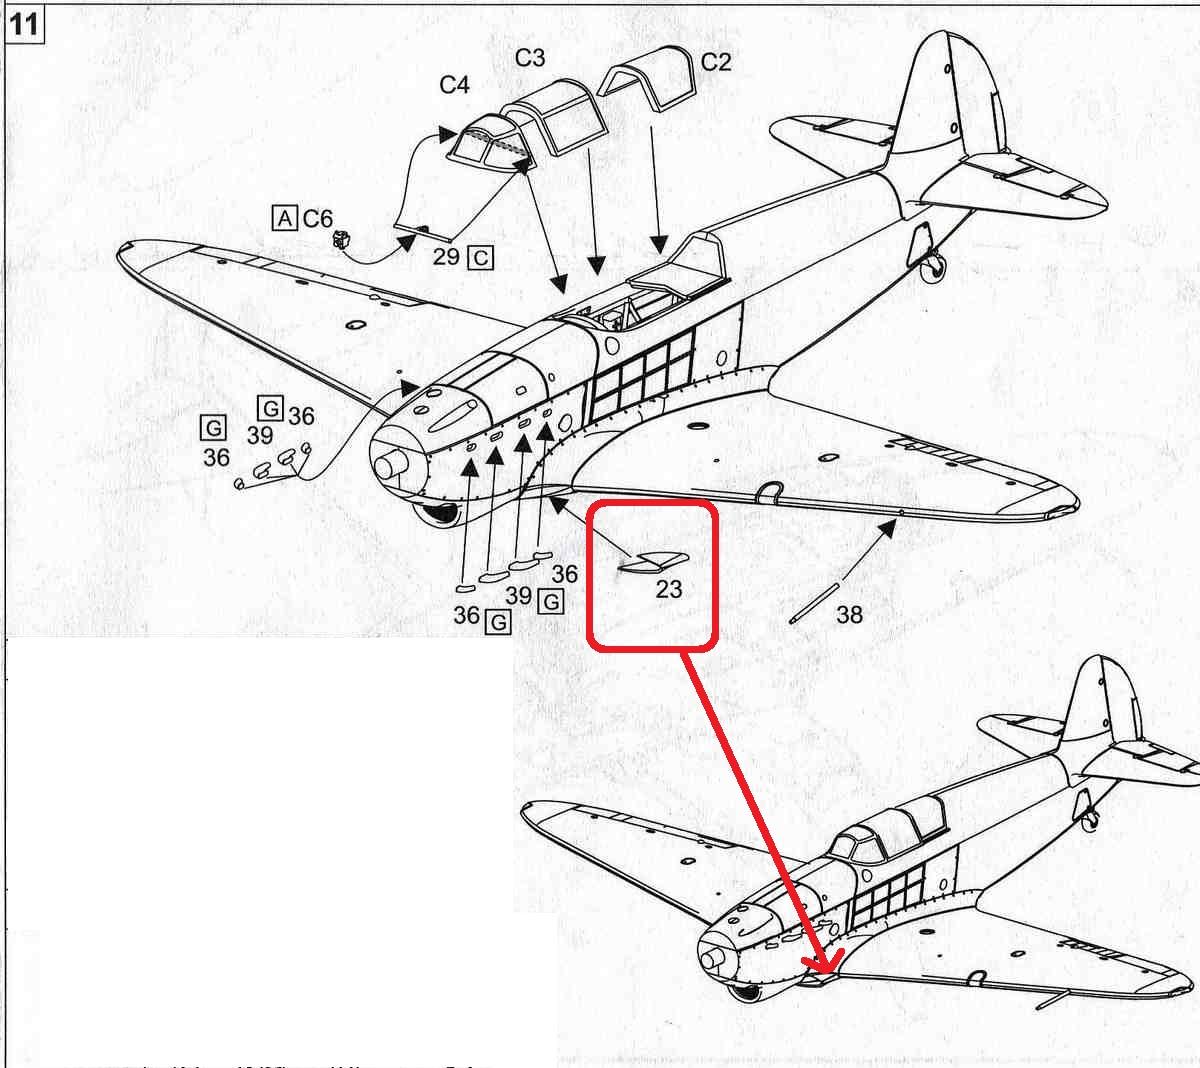 BrenGun-BRP-72020-Yak-1-1941-fehlender-Lufteinlauf-2 Yak-1 Year 1941 von Brengun im Maßstab 1:72 ( BRP72020 )